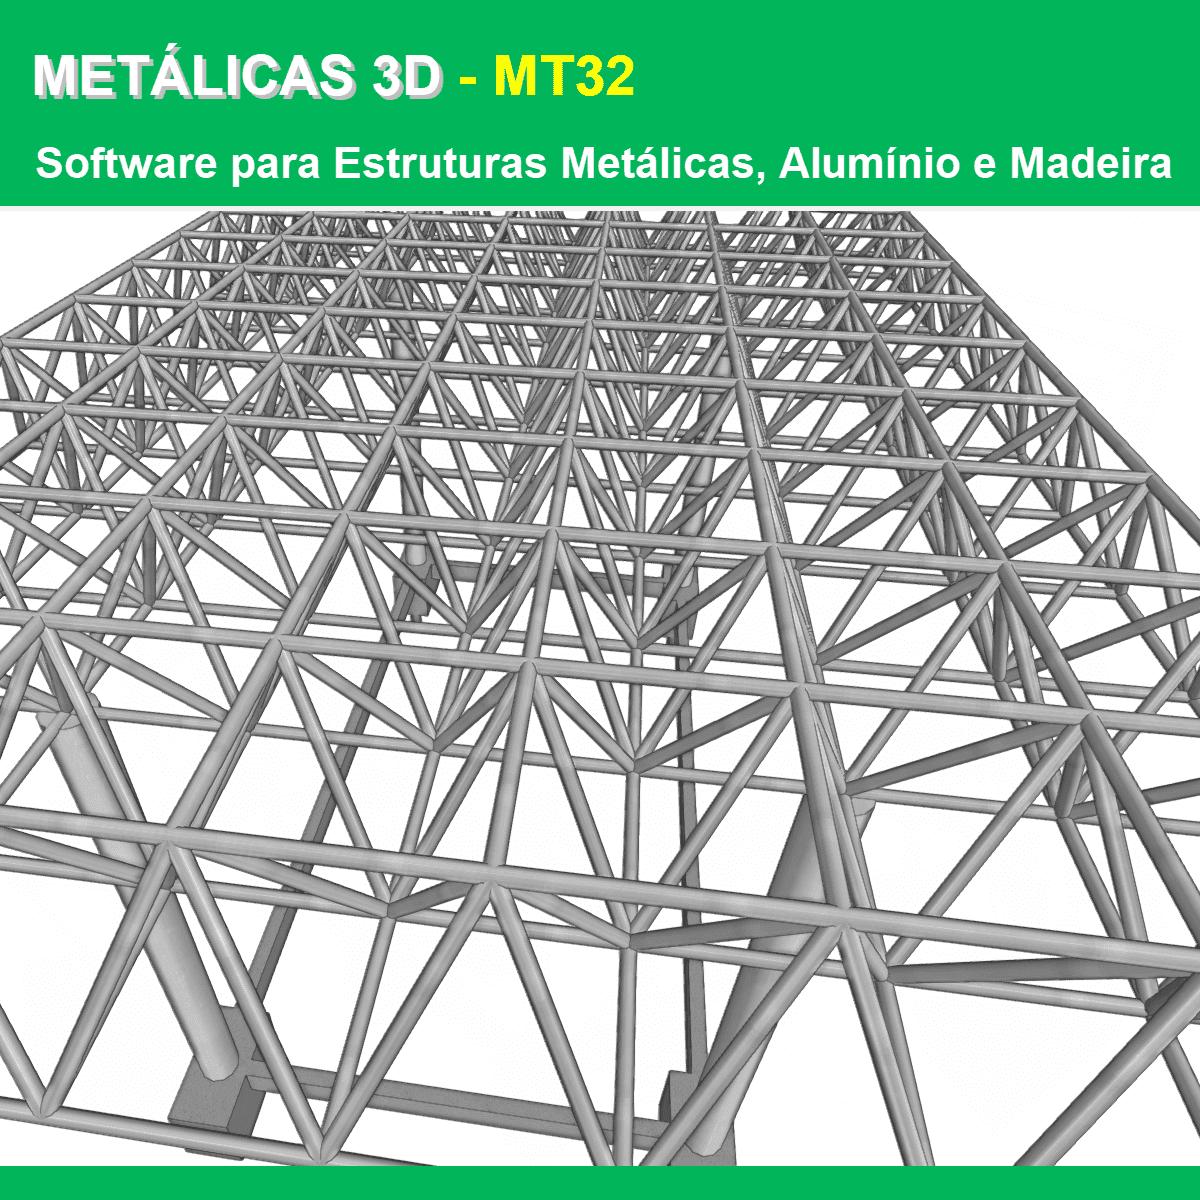 """Software Metálicas 3D MT32 versão 2021 (Licença Eletrônica) incluindo a modulação descrita em """"Itens Inclusos"""" a seguir  - MULTIPLUS SOFTWARES"""